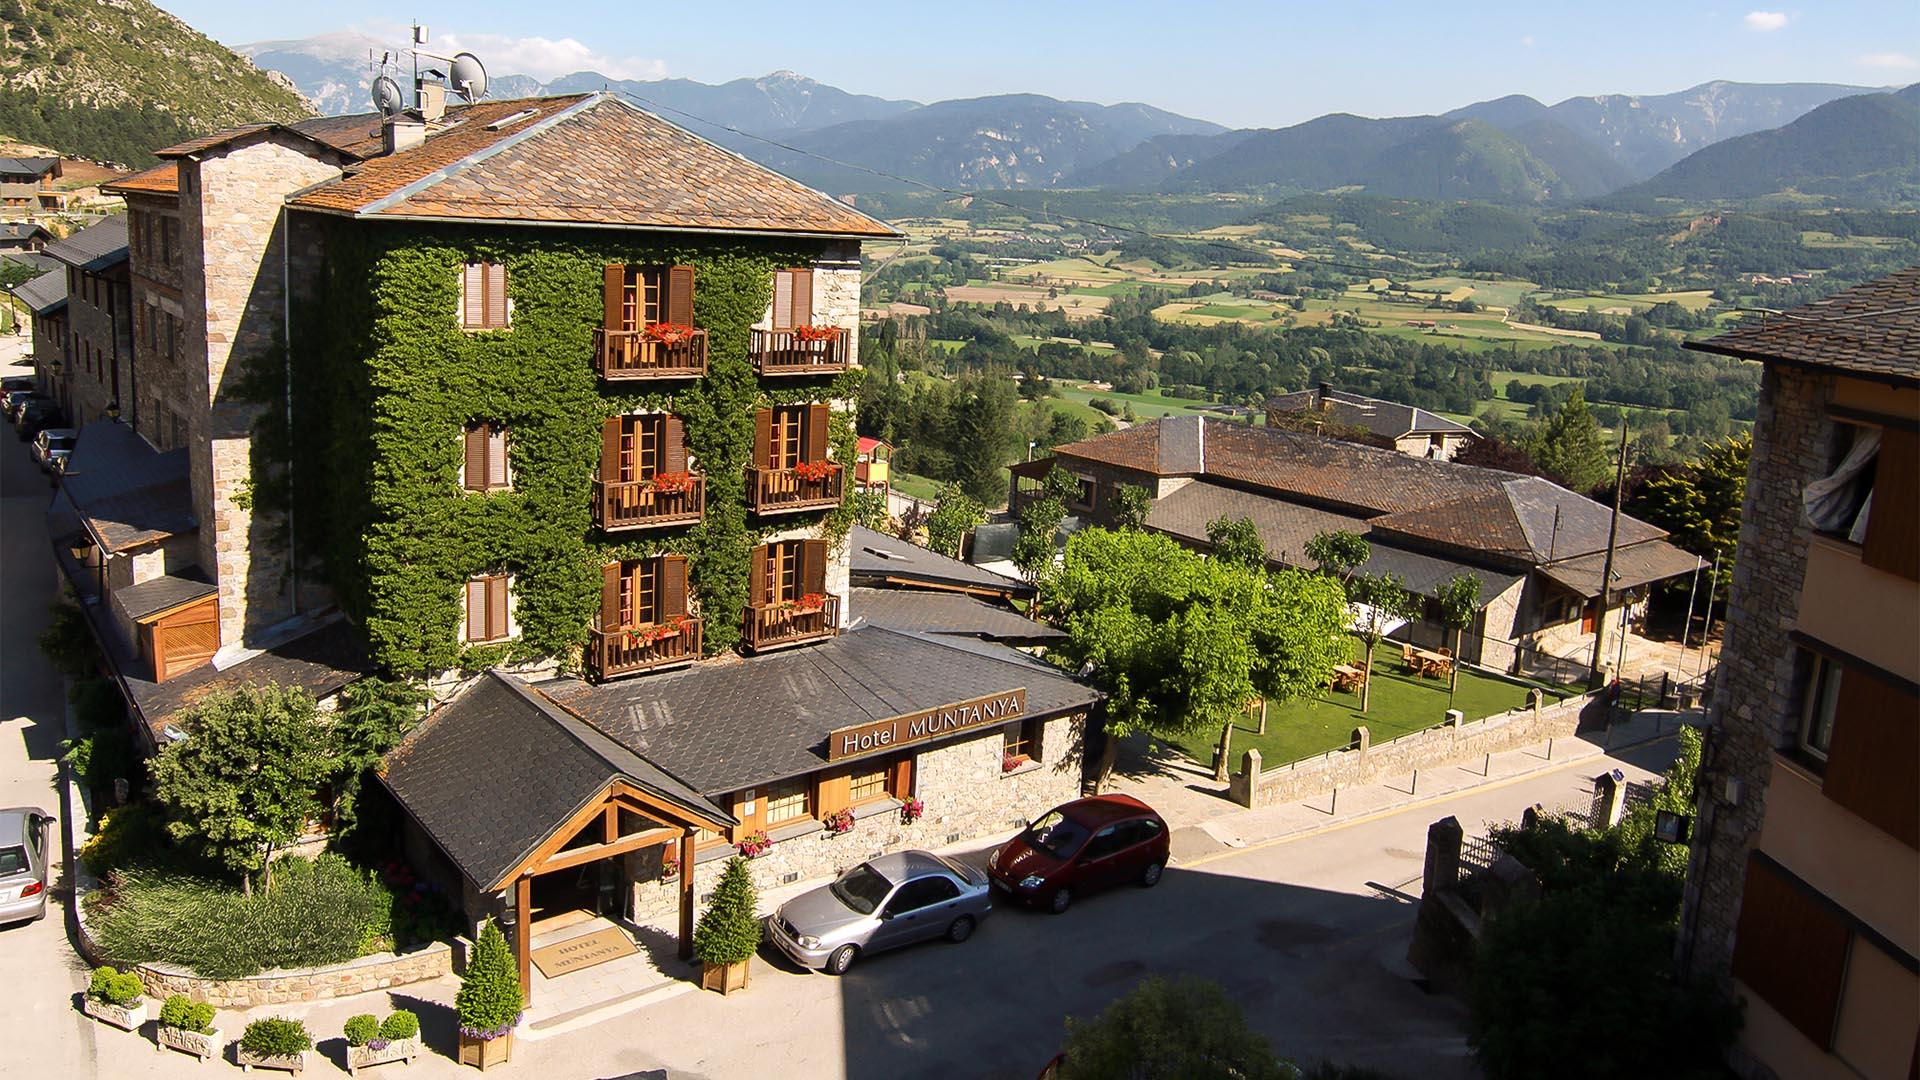 Hotel Muntanya & Spa - Cerdanya EcoResort